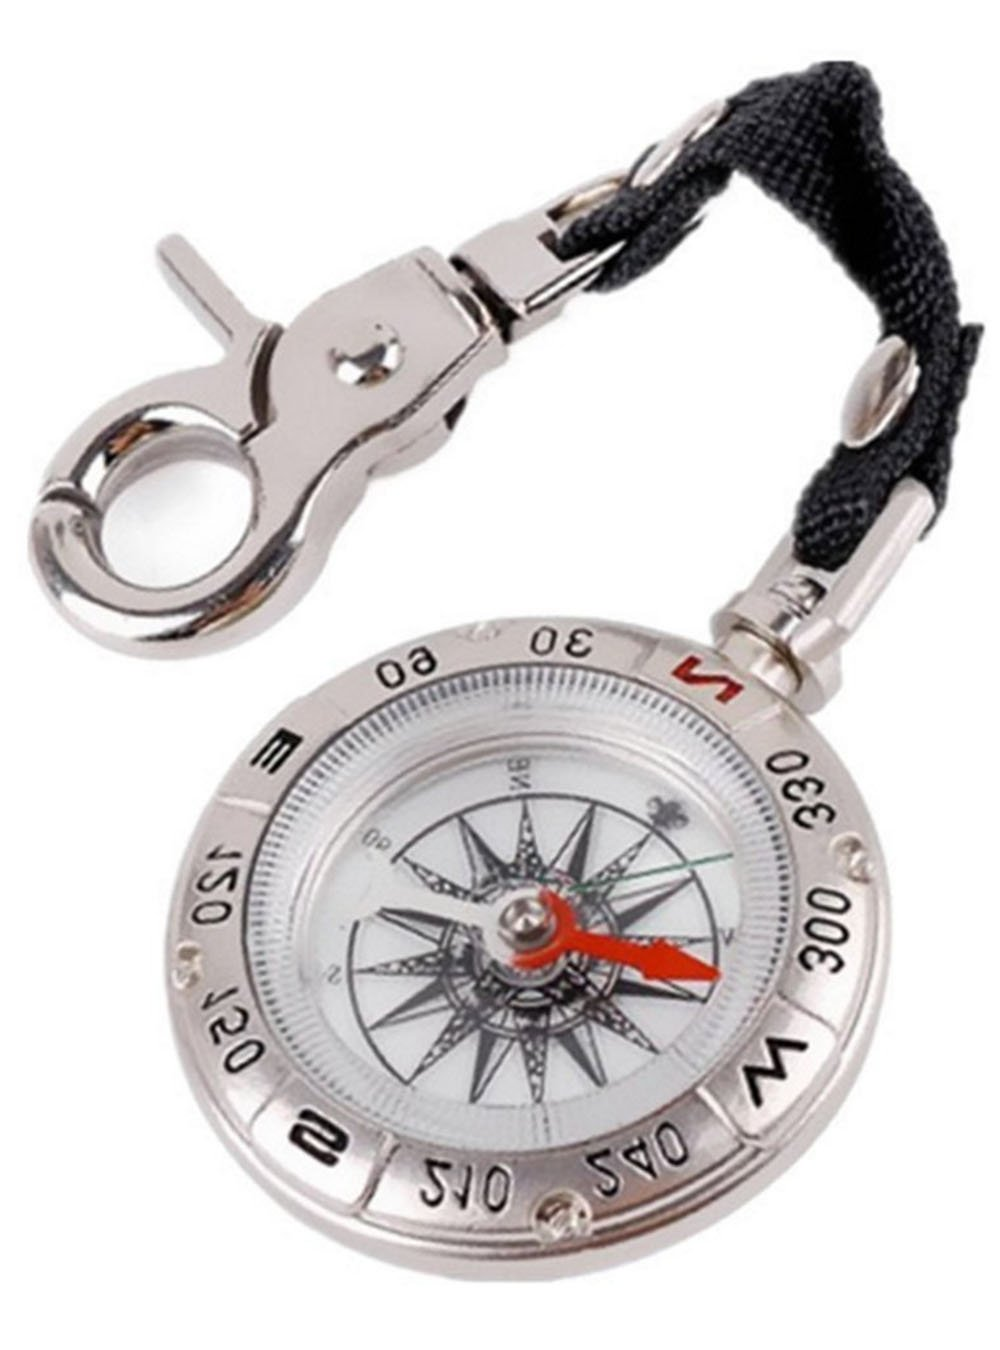 Snowmanna-classic Taschenuhr Stil Kompass Tragbare Outdoor Navigation Werkzeug Überleben Kompass mit Schlüsselanhänger